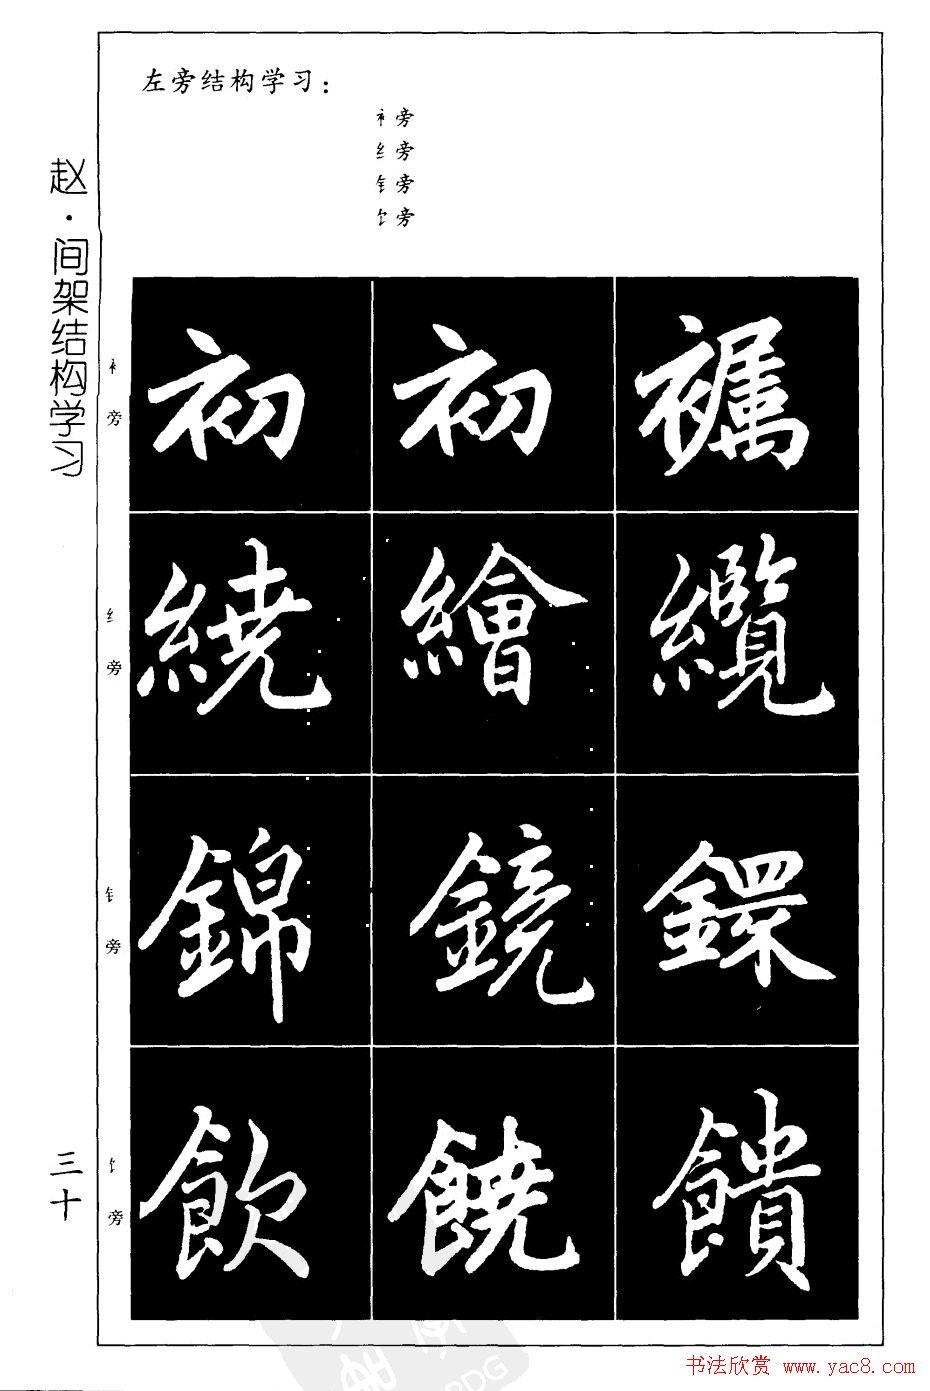 赵孟頫楷书习字帖放大图片44P 第30页 楷书字帖 书法欣赏